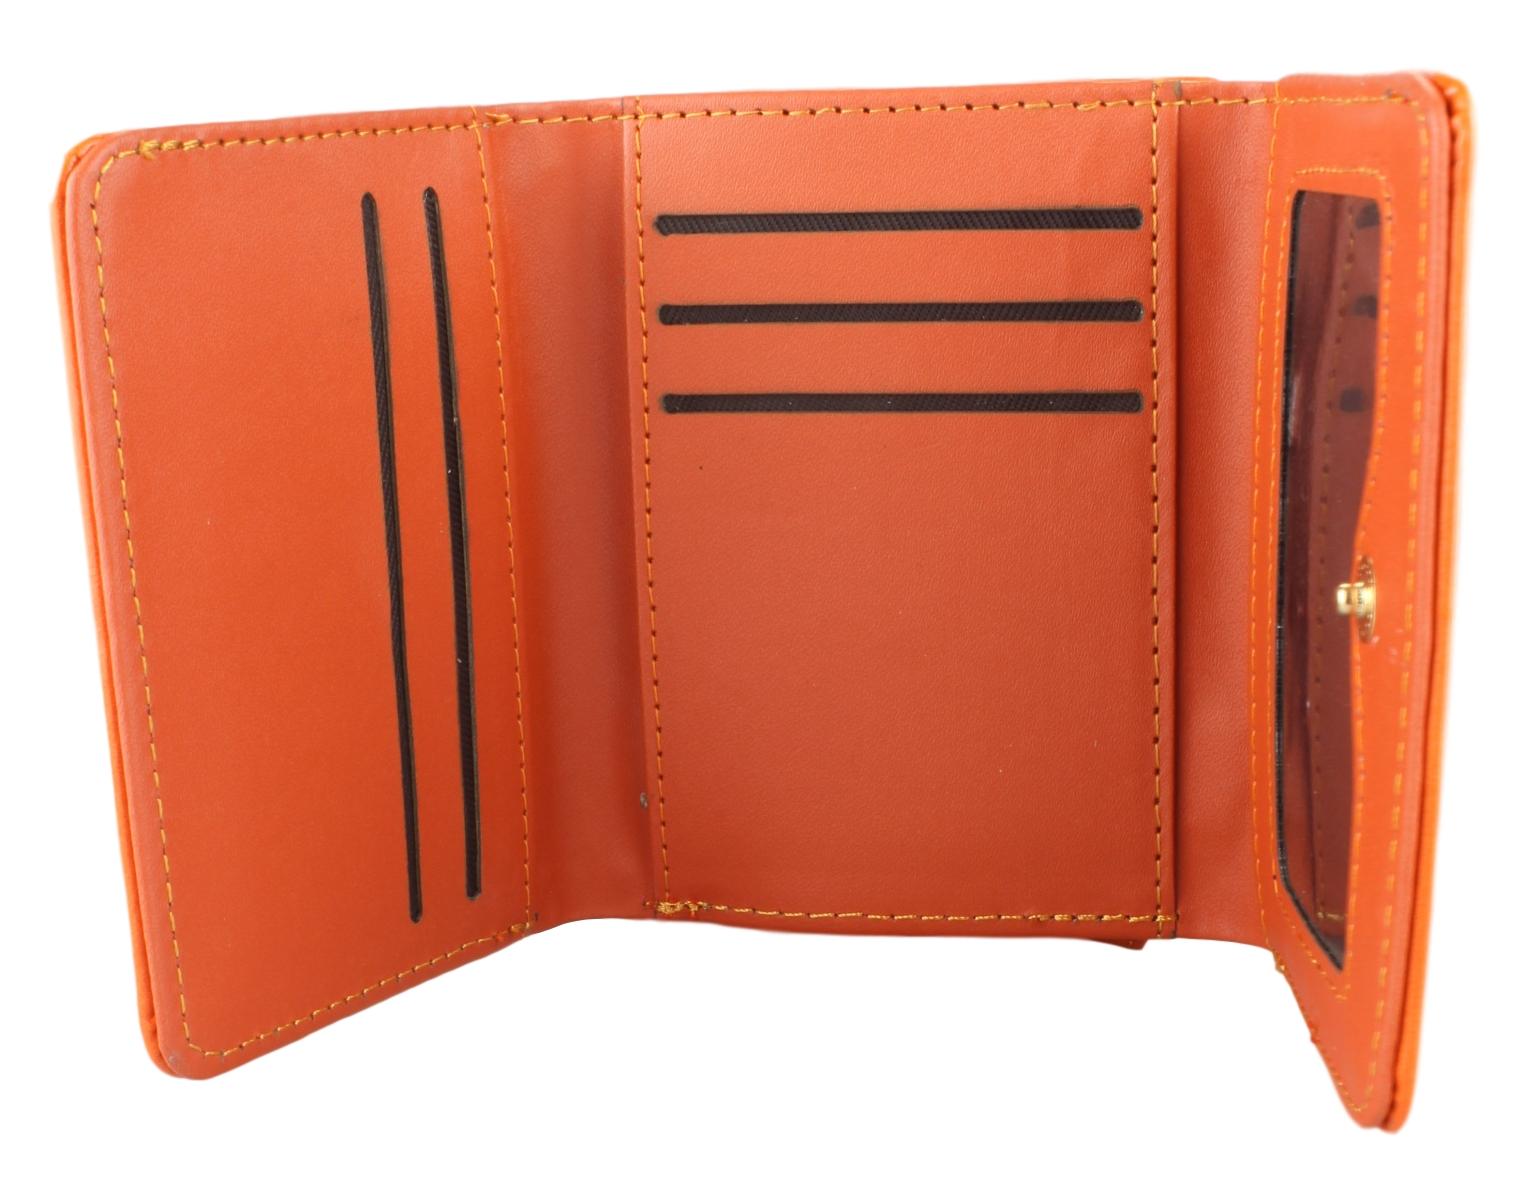 Kleine Damen Geldbörse Geldbeutel Portemonnaie Lack glänzend